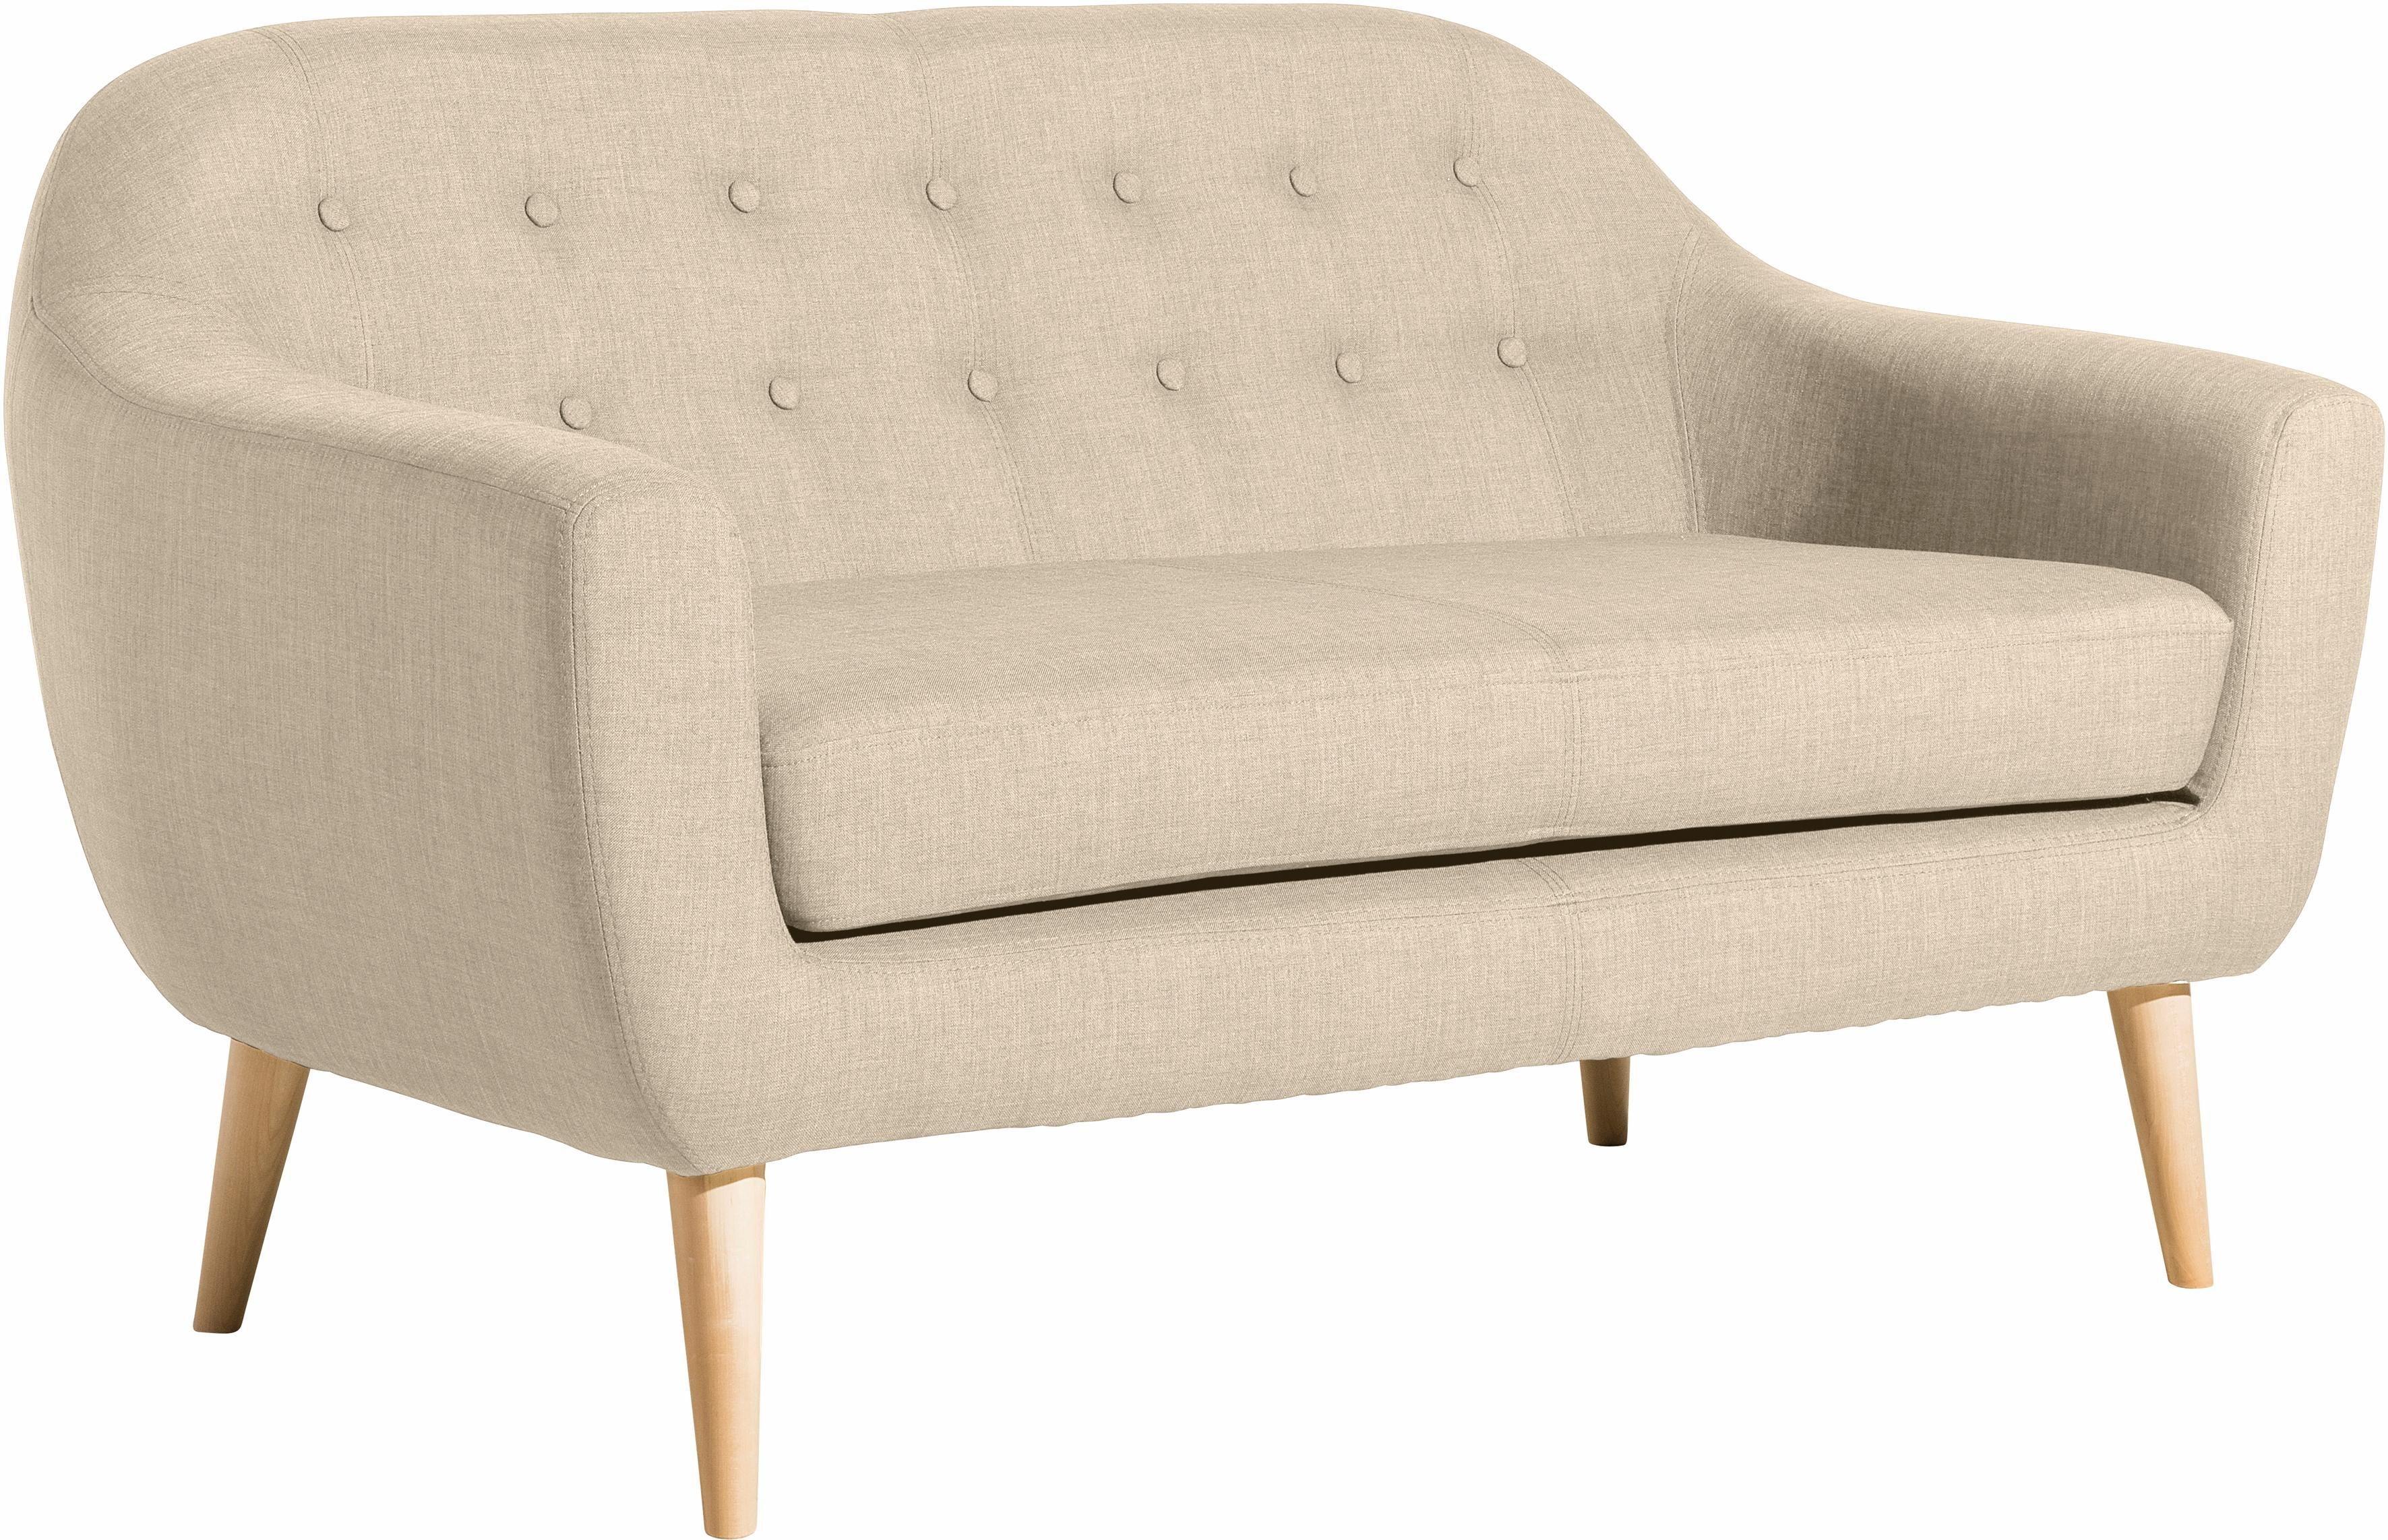 Max-Winzer 2 & 3 Sitzer Sofas online kaufen | Möbel-Suchmaschine ...